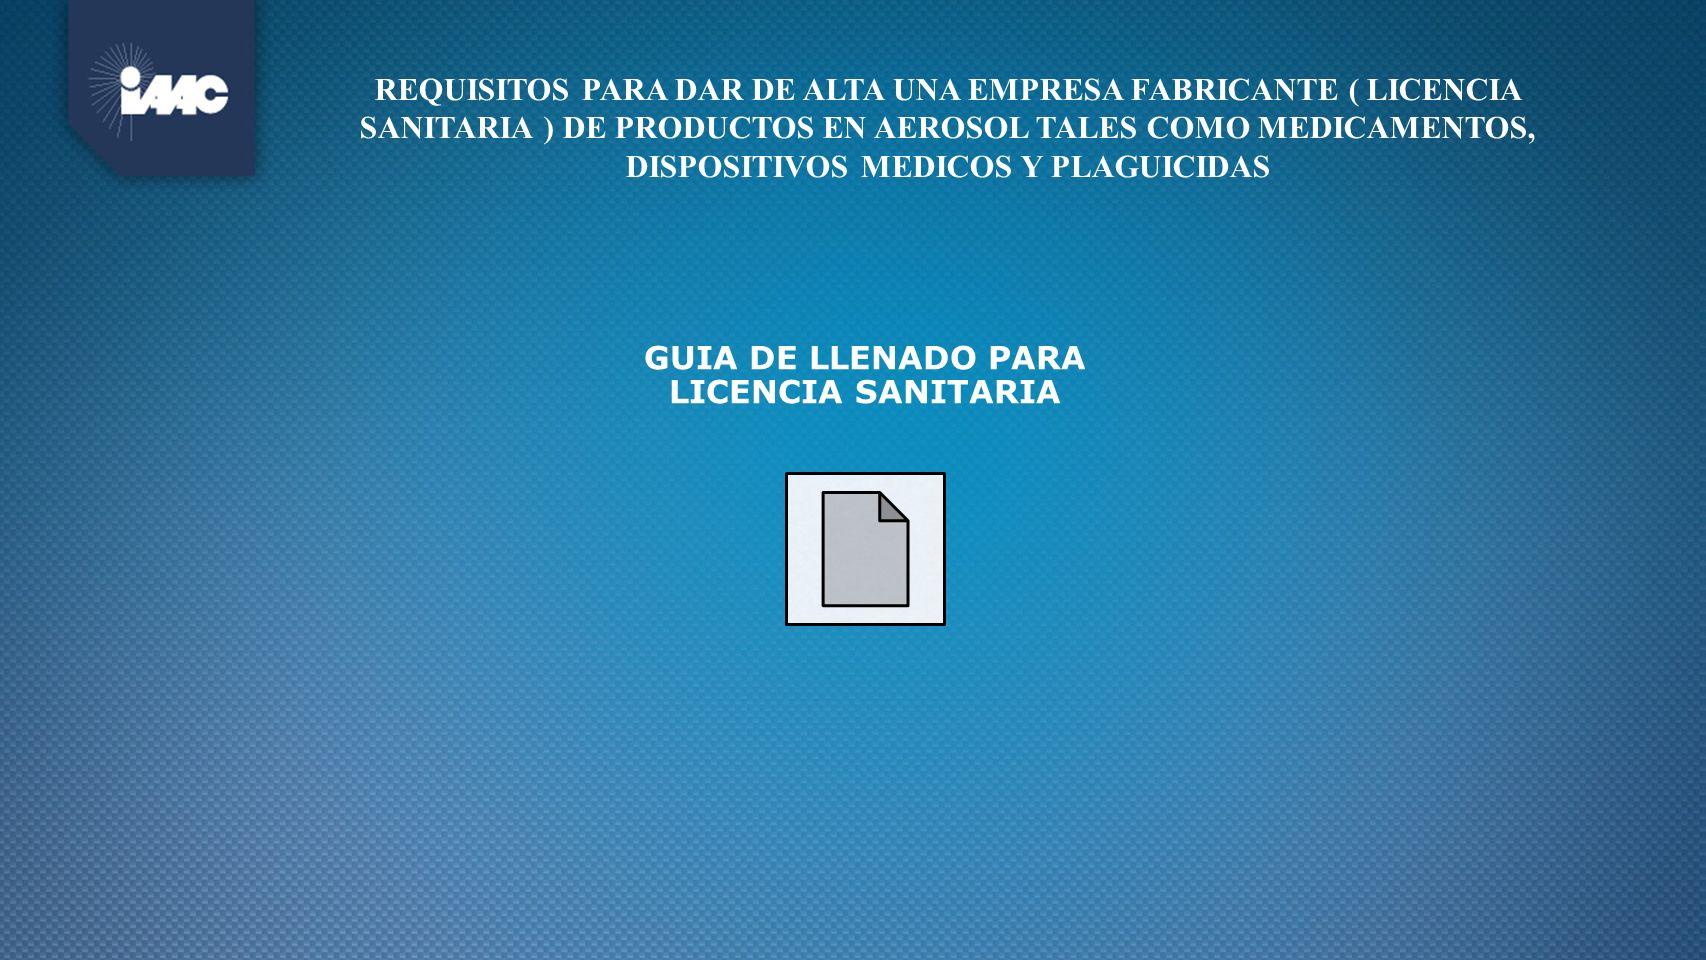 GUIA DE LLENADO PARA LICENCIA SANITARIA